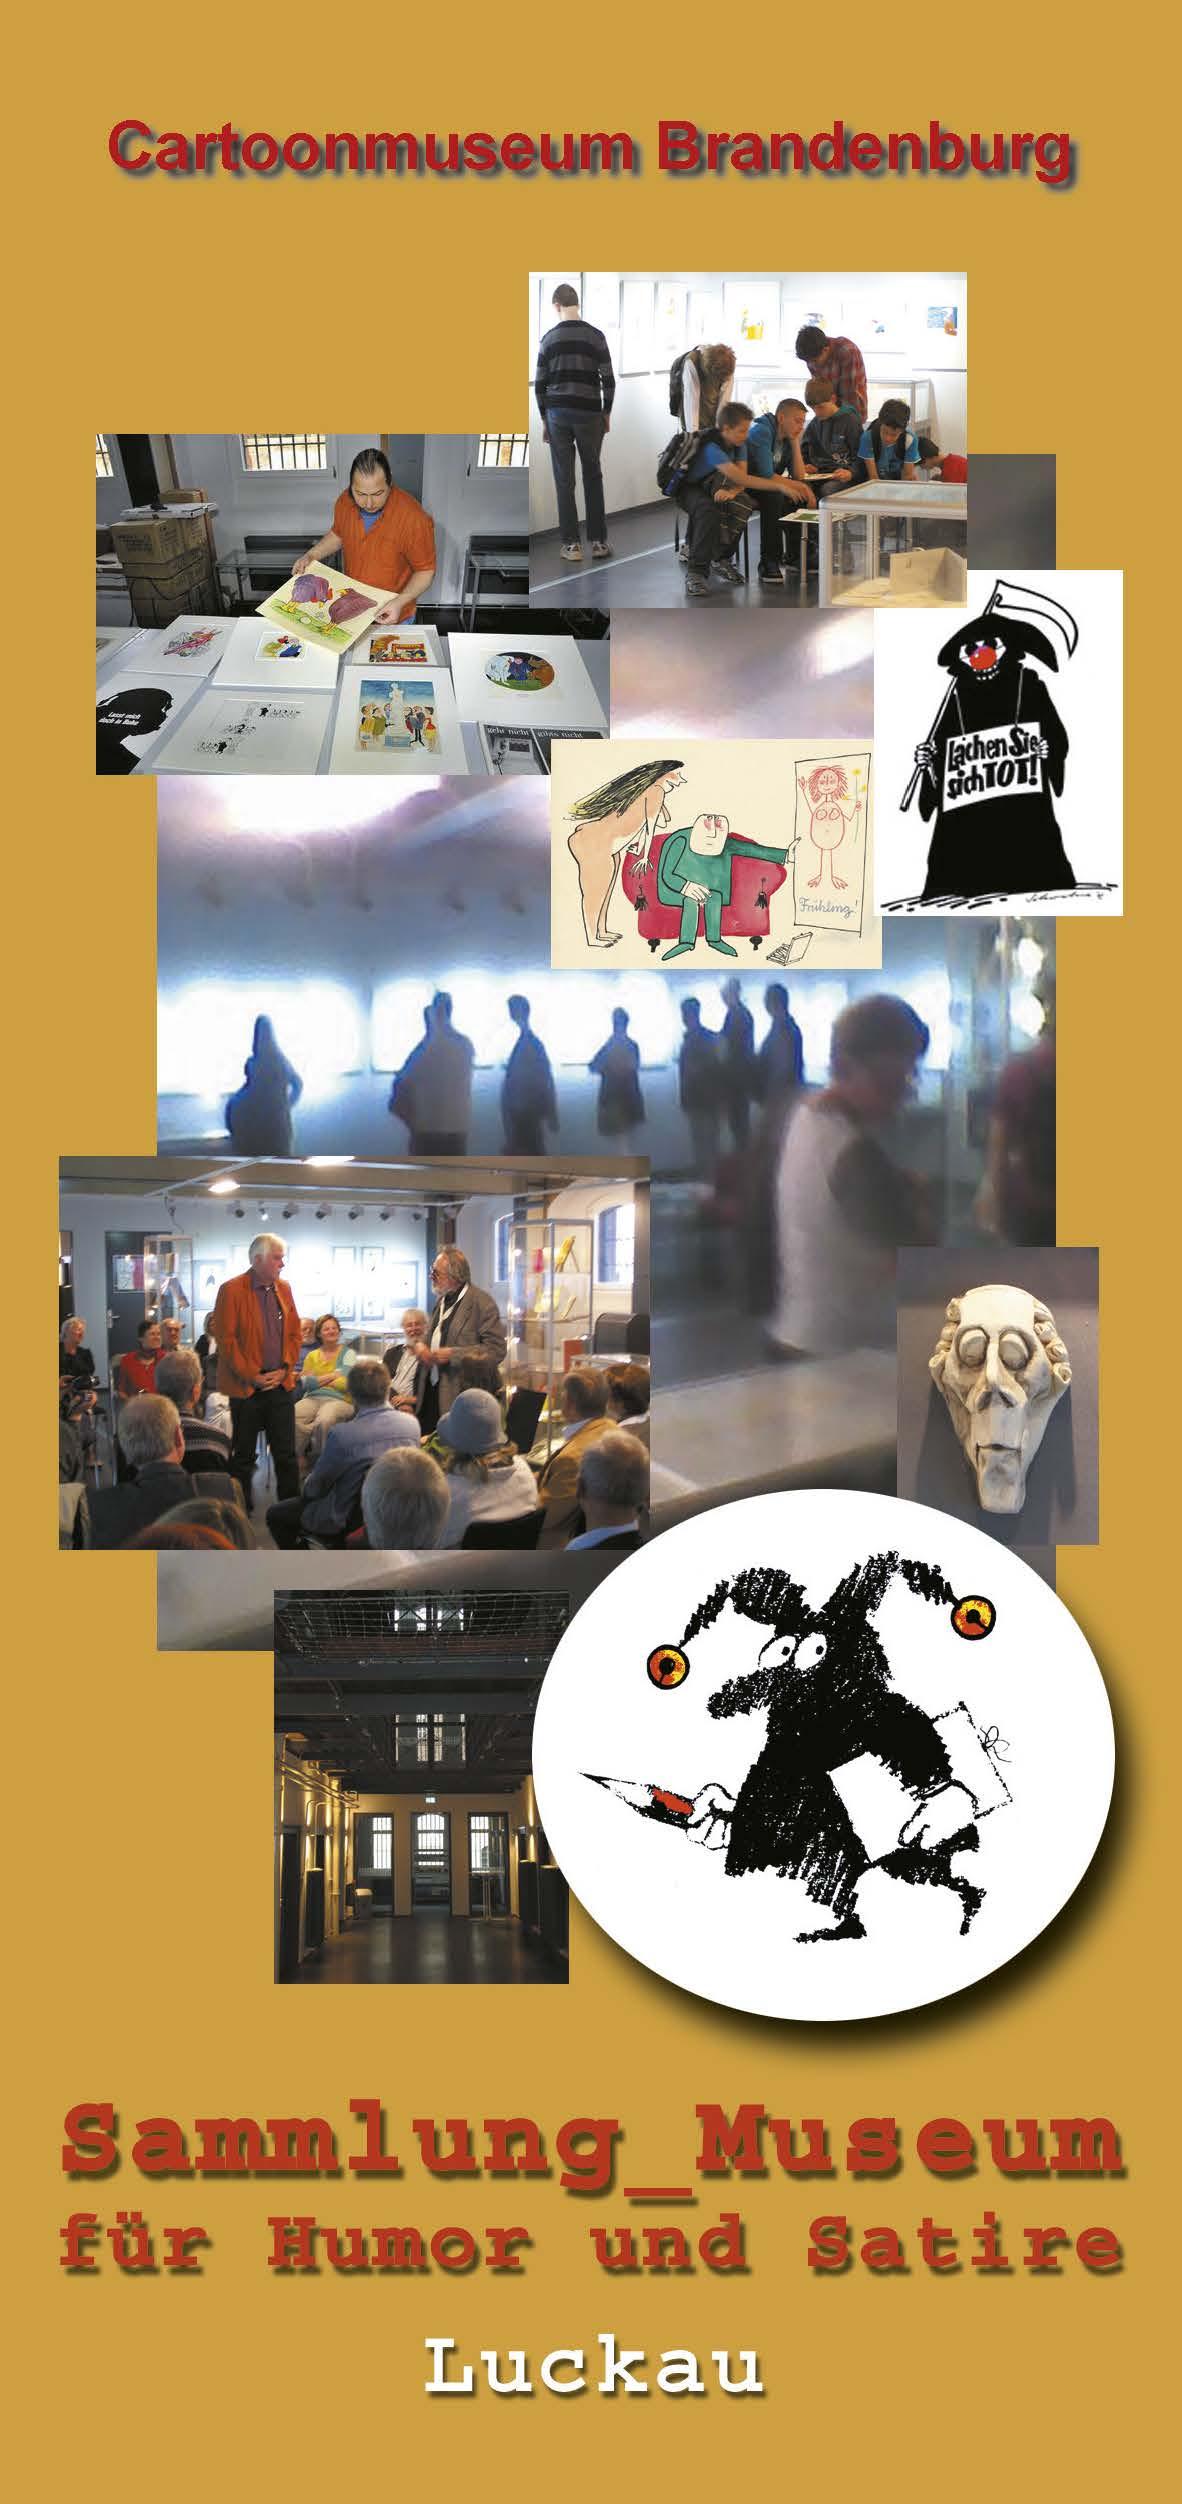 Cartoonmuseum Brandenburg in Luckau